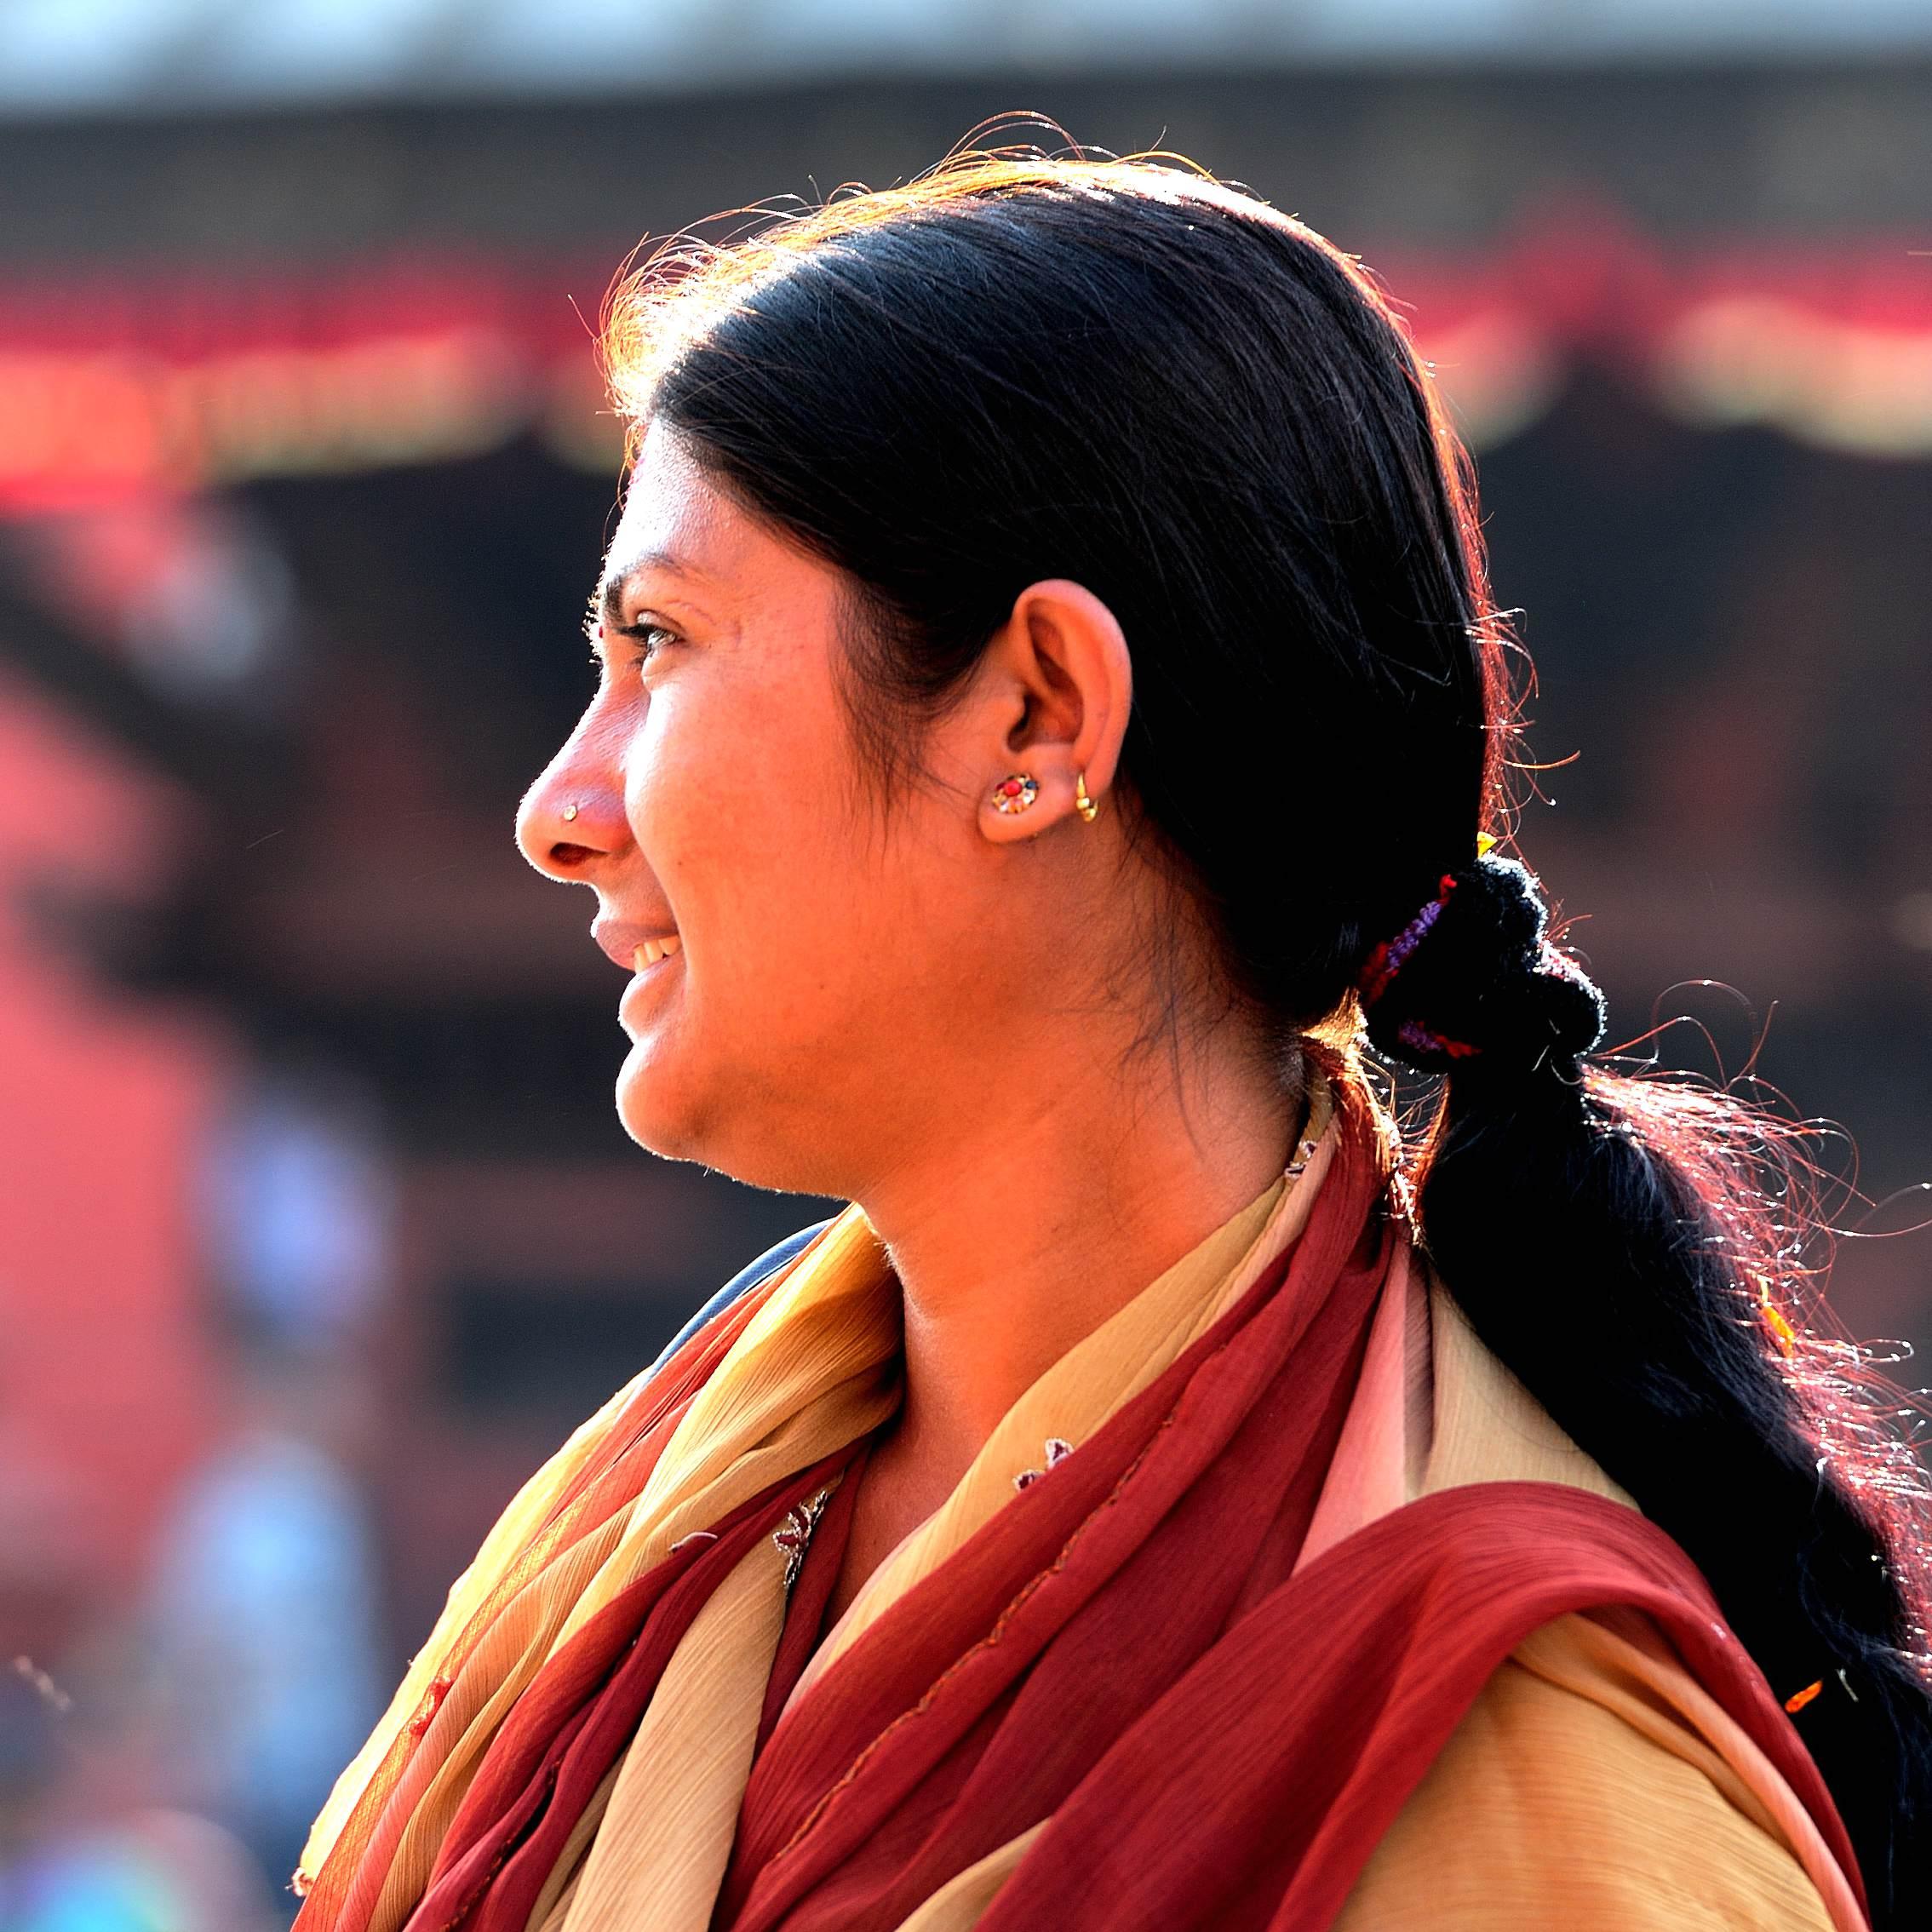 烧尸庙卖呆的美女 走进尼泊尔